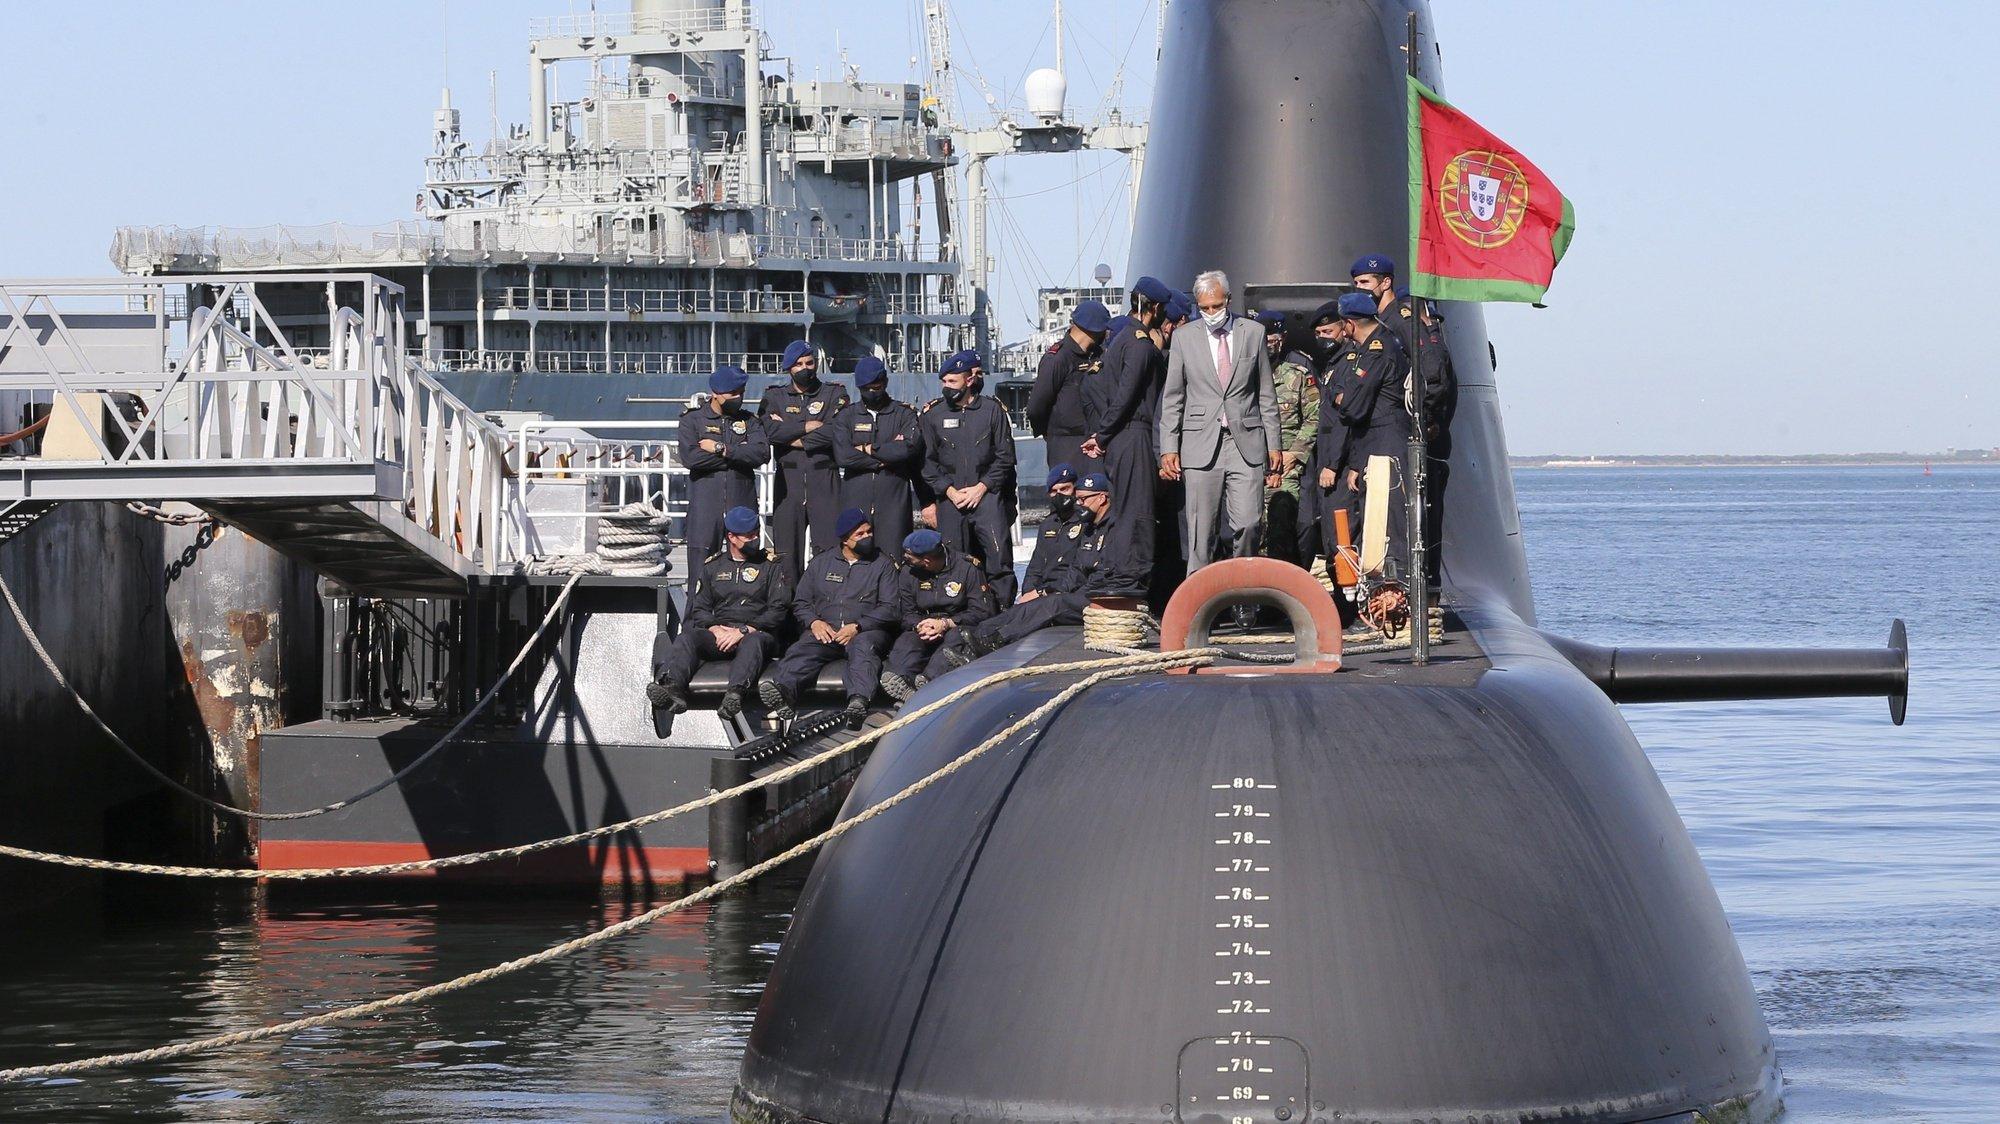 """O ministro da Defesa Nacional, João Gomes Cravinho (C-D), durante a cerimónia de receção ao submarino """"Tridente"""" e respetiva guarnição, na base naval do Alfeite, em Almada, 20 de agosto de 2021. O submarino """"Tridente"""", da Marinha Portuguesa, regressa depois de 67 dias a participar na Operação """"Sea Guardian"""" da NATO e a dar apoio à Operação IRINI da União Europeia, ambas no Mar Mediterrâneo. MANUEL DE ALMEIDA/LUSA"""